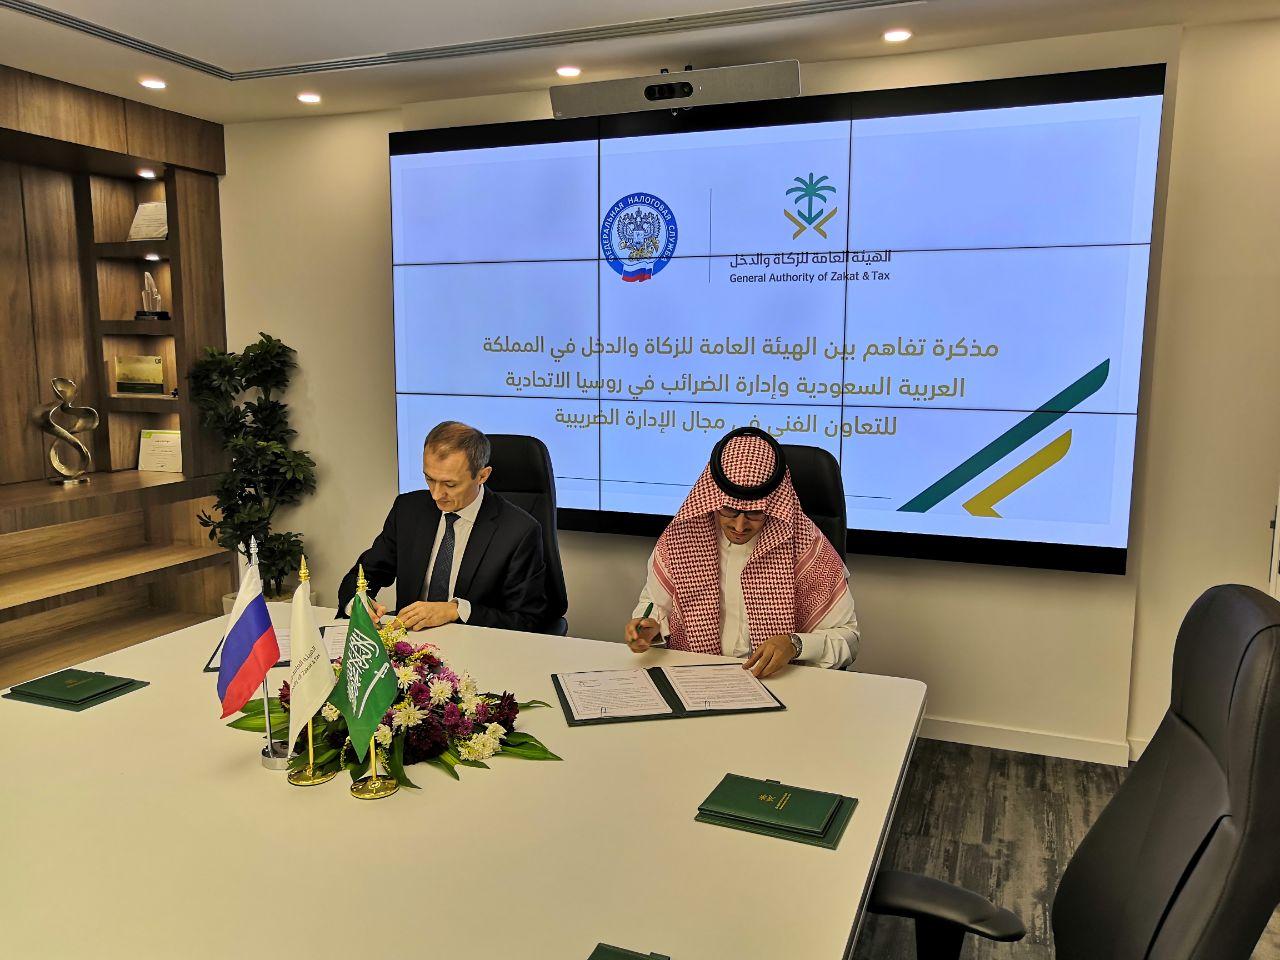 ФНС России подписала Меморандум о взаимопонимании и техническом сотрудничестве в налоговой сфере с Генеральным ведомством по налогам и пошлинам Саудовской Аравии